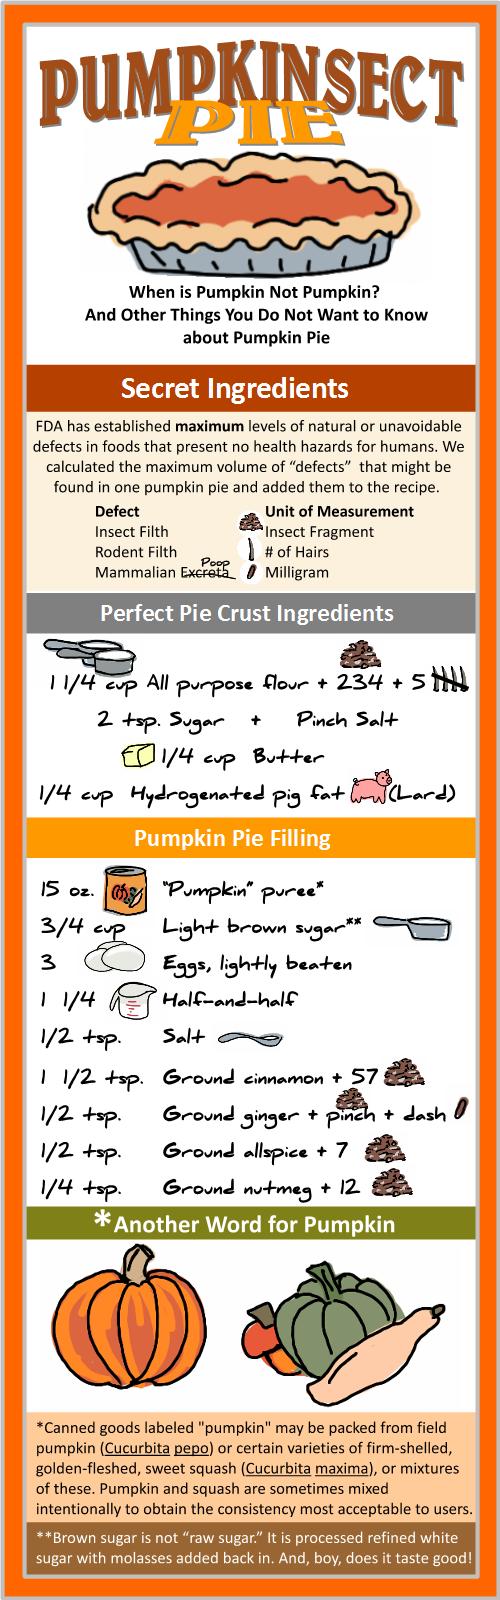 Pumpkin-sect Pie Chart